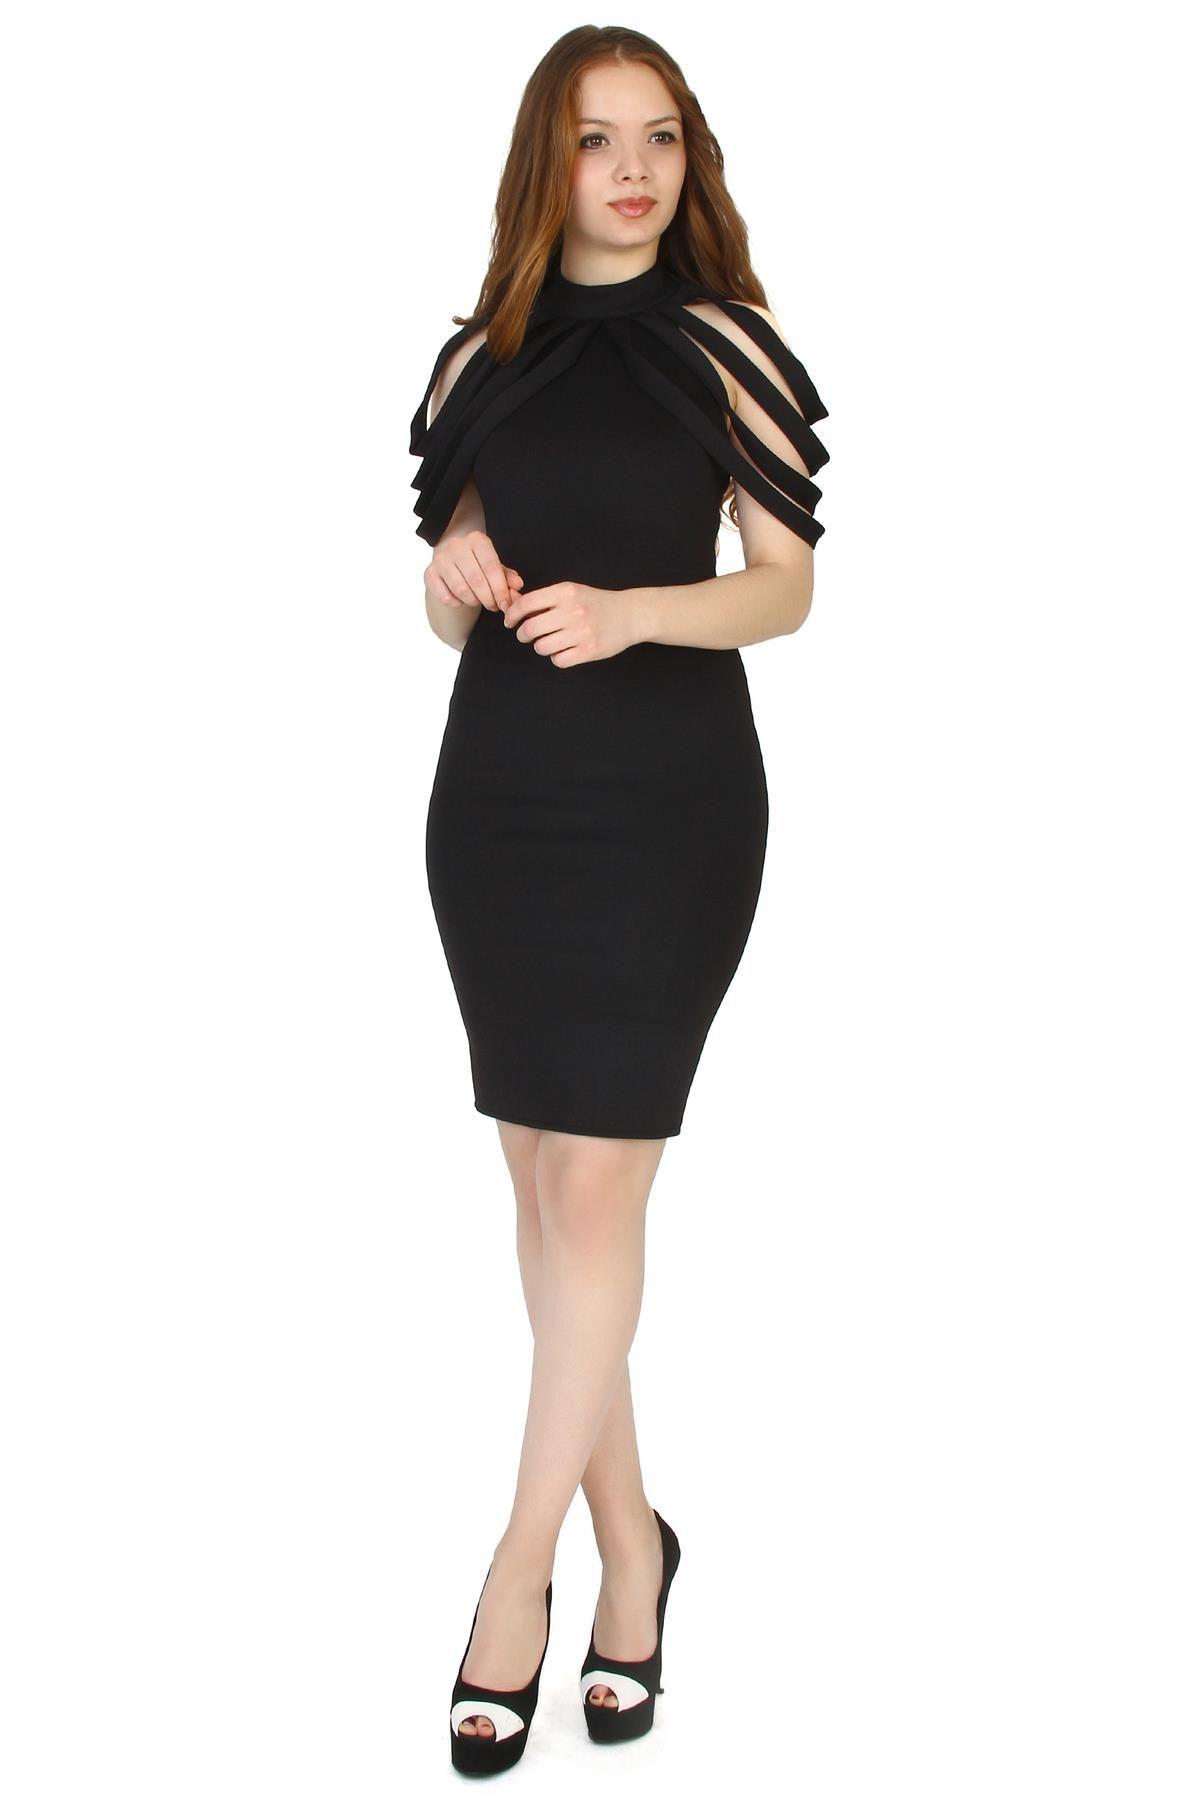 Buyuk Beden Elbise Modelleri Buyuk Beden Abiyeler Elbise Elbiseler Mini Elbiseler